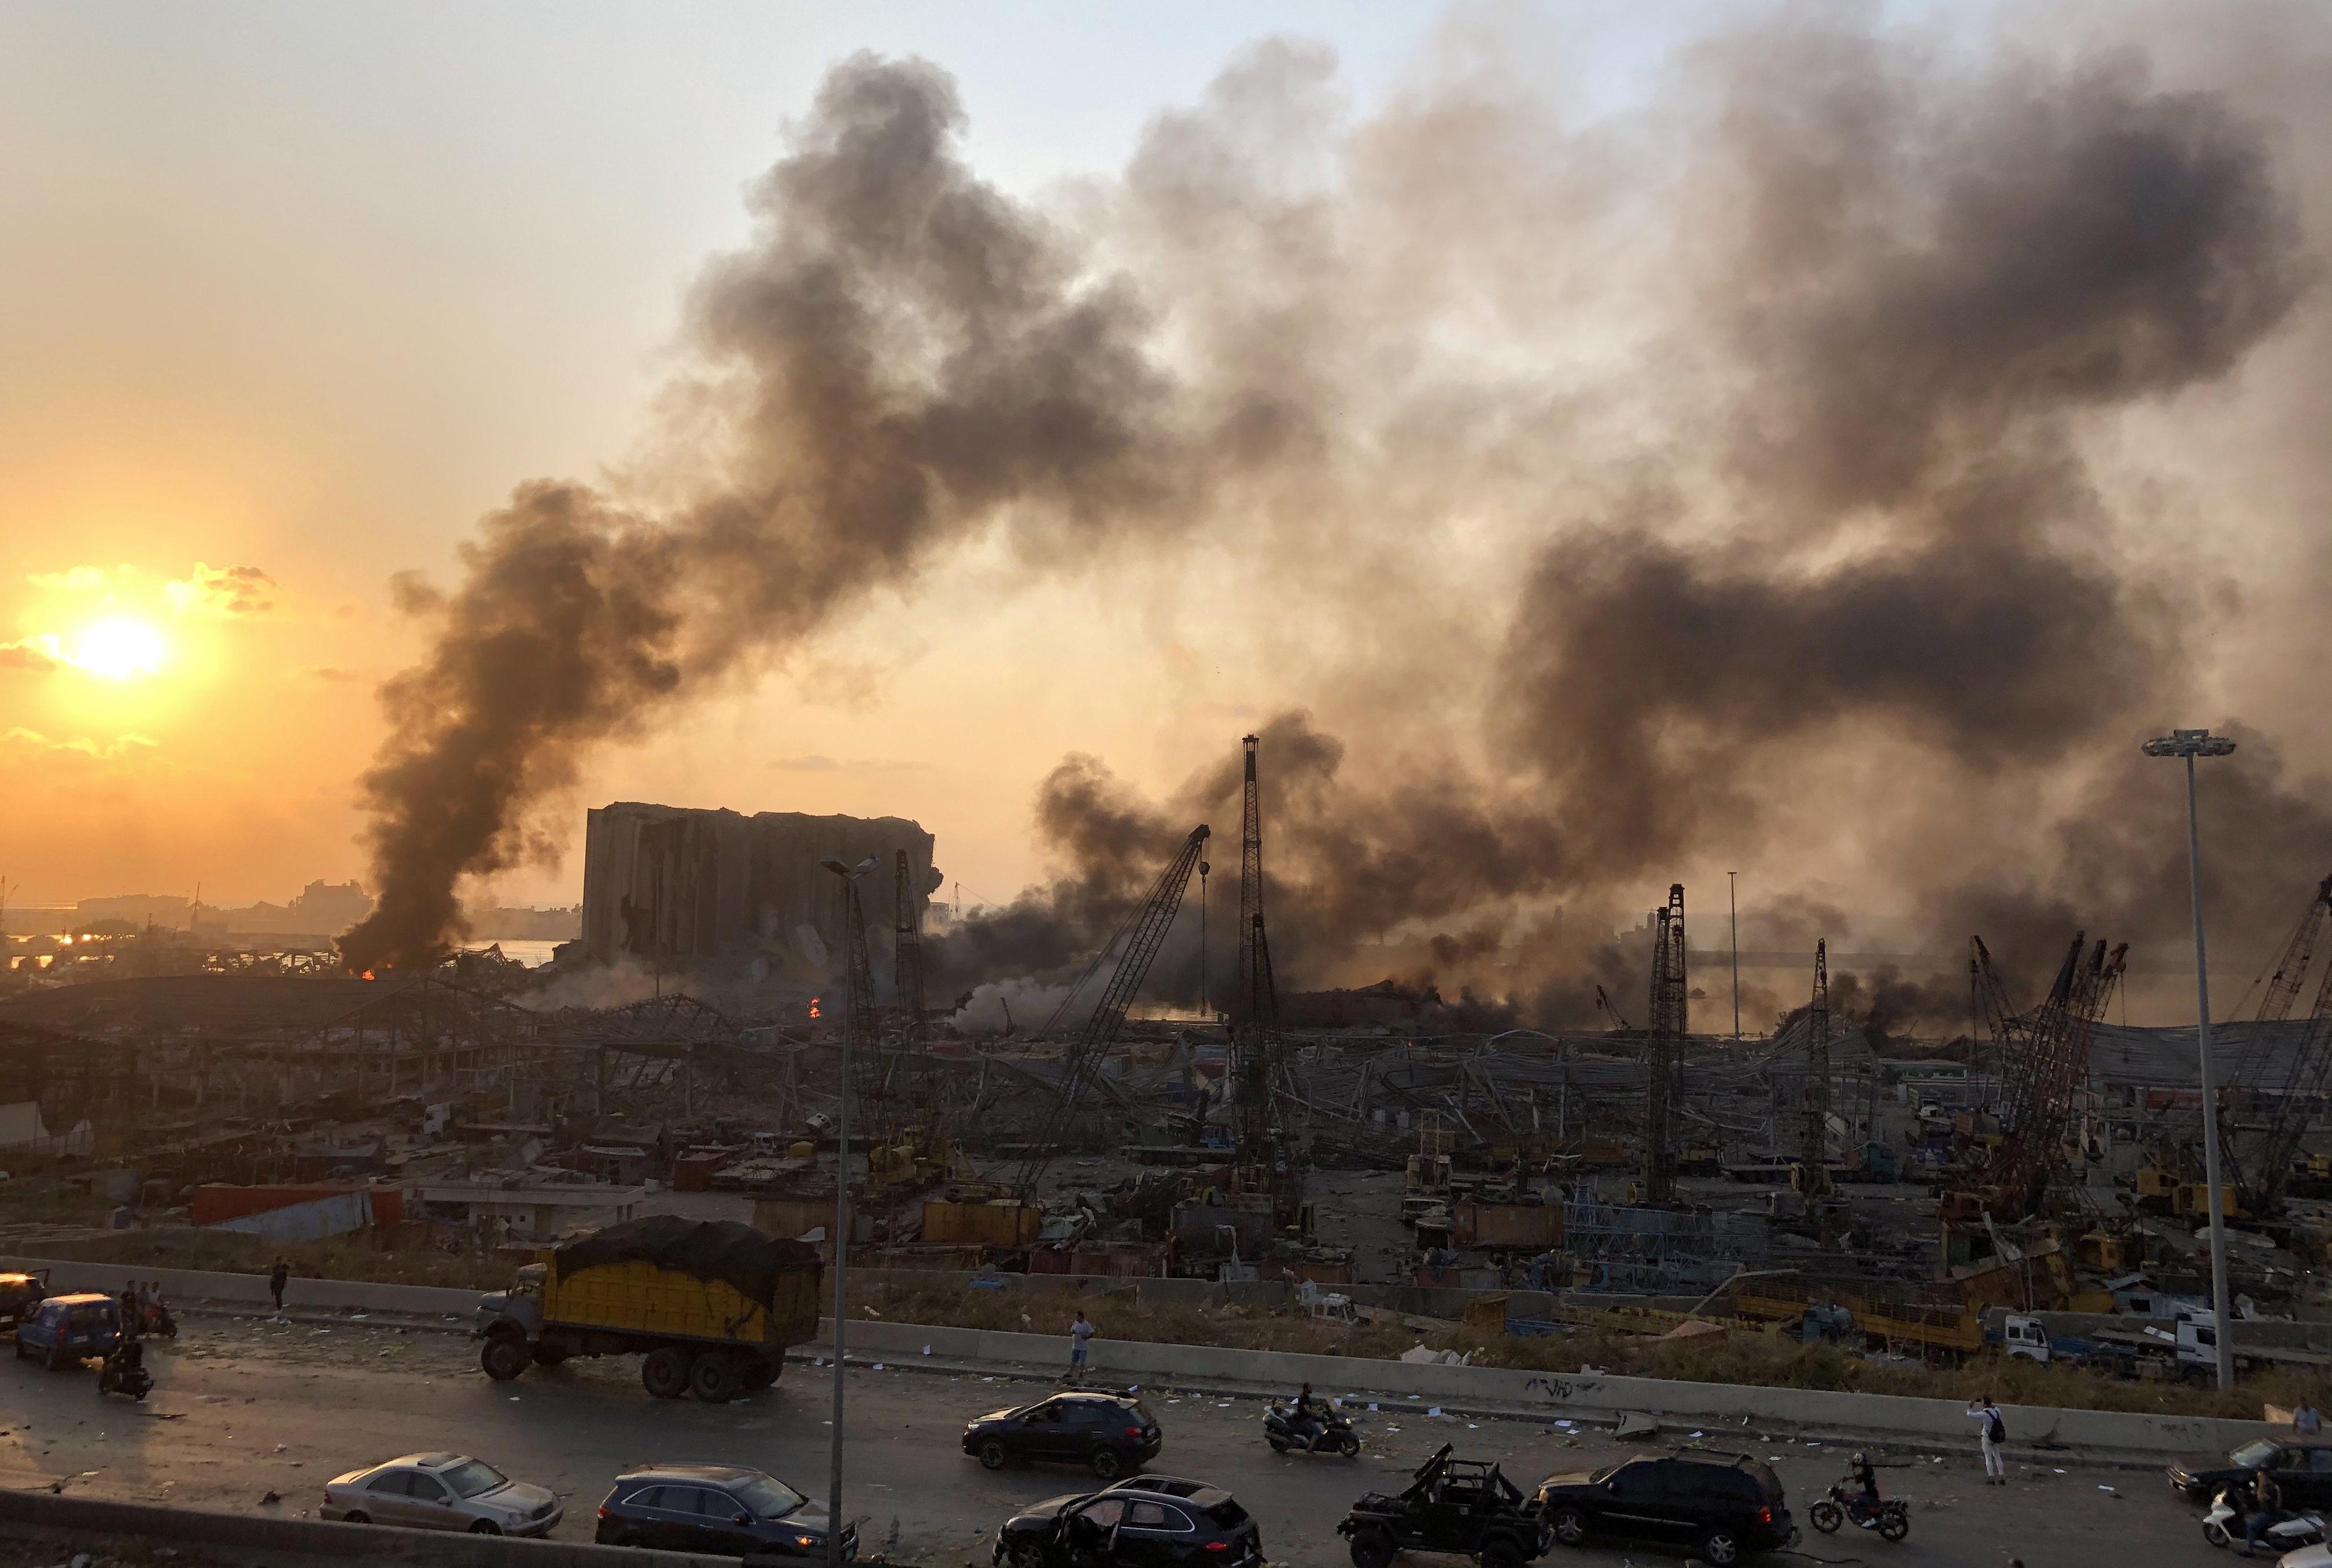 Nach Explosionskatastrophe: Trauer und Wut in Beirut